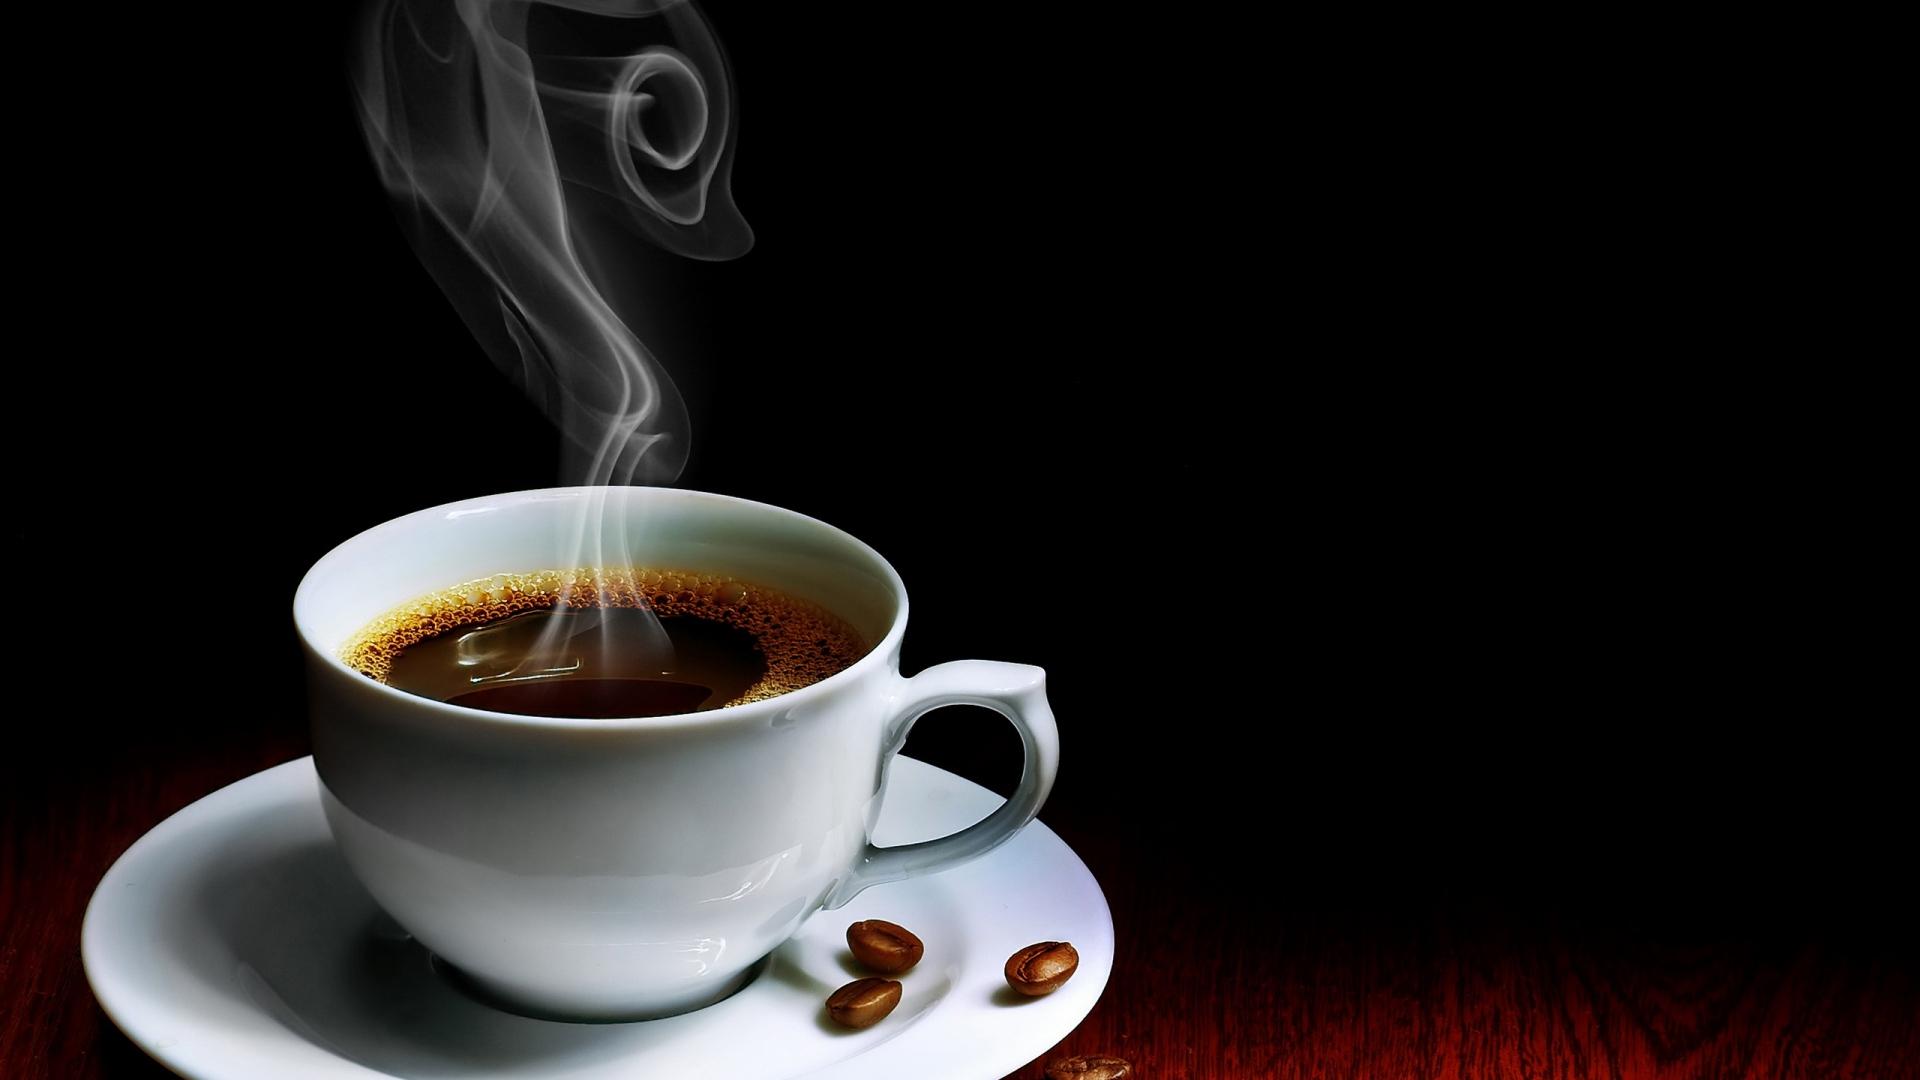 kaffee-bohnen-tasse-untertasse-dampf